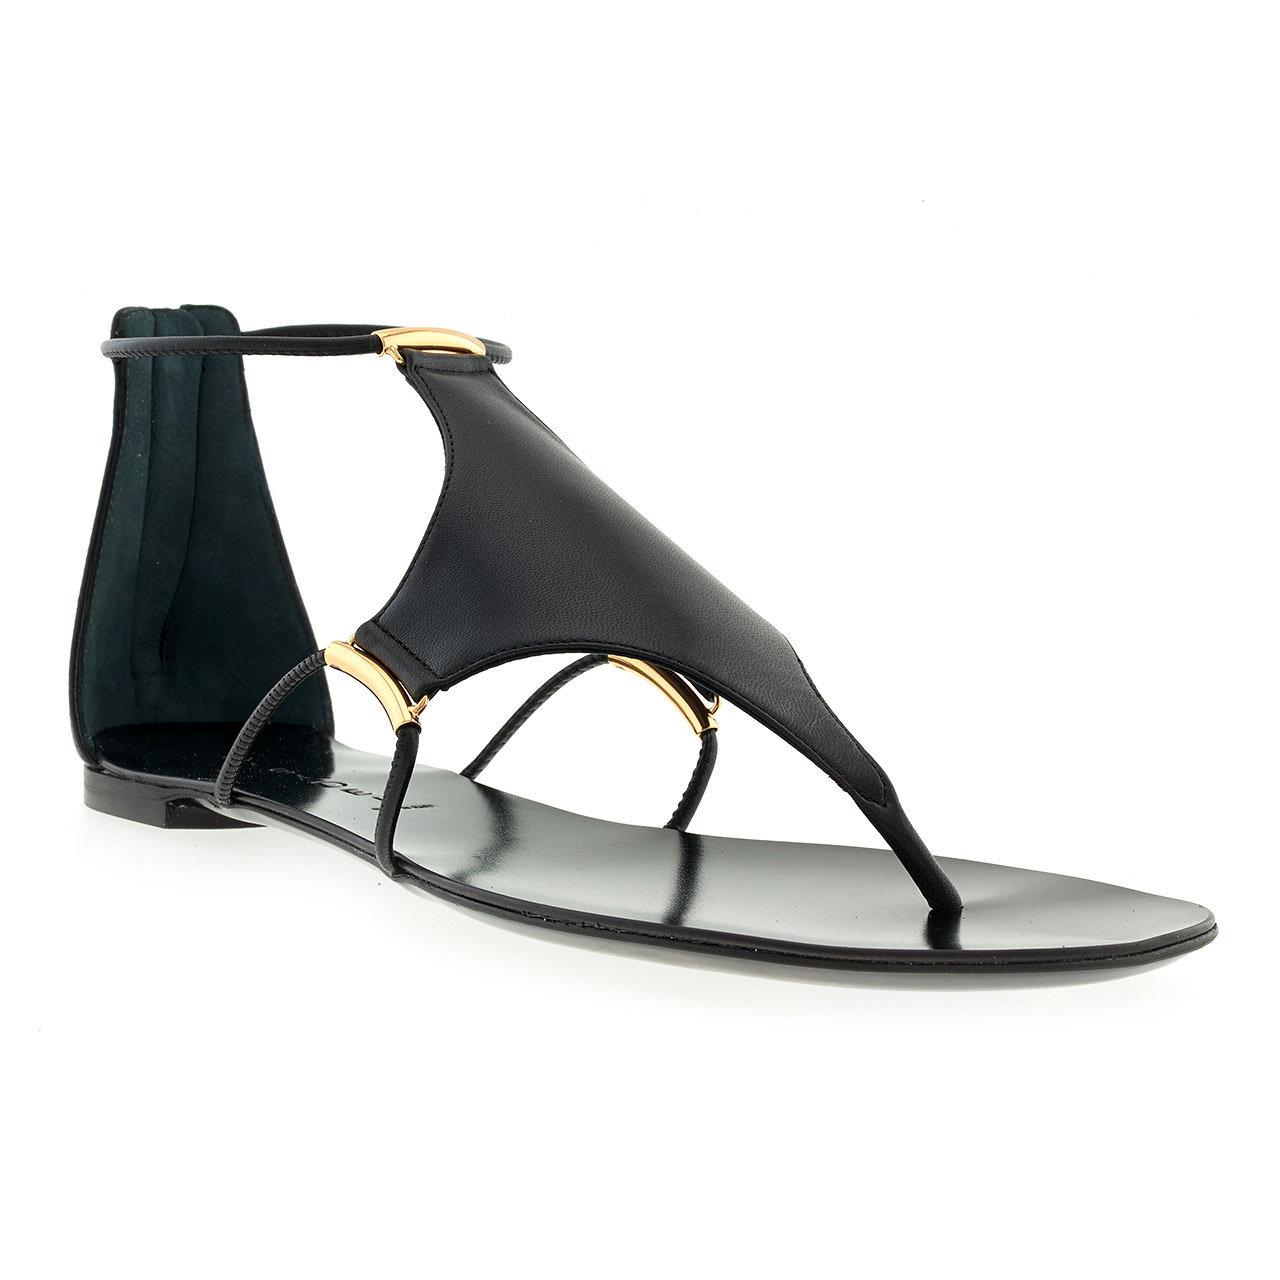 40aaee43d Босоножки на лето 2014 могут иметь практически плоскую подошву и тоненькие  полоски-ремешки, стильный минимализм такого варианта привлекает немало  поклонниц!